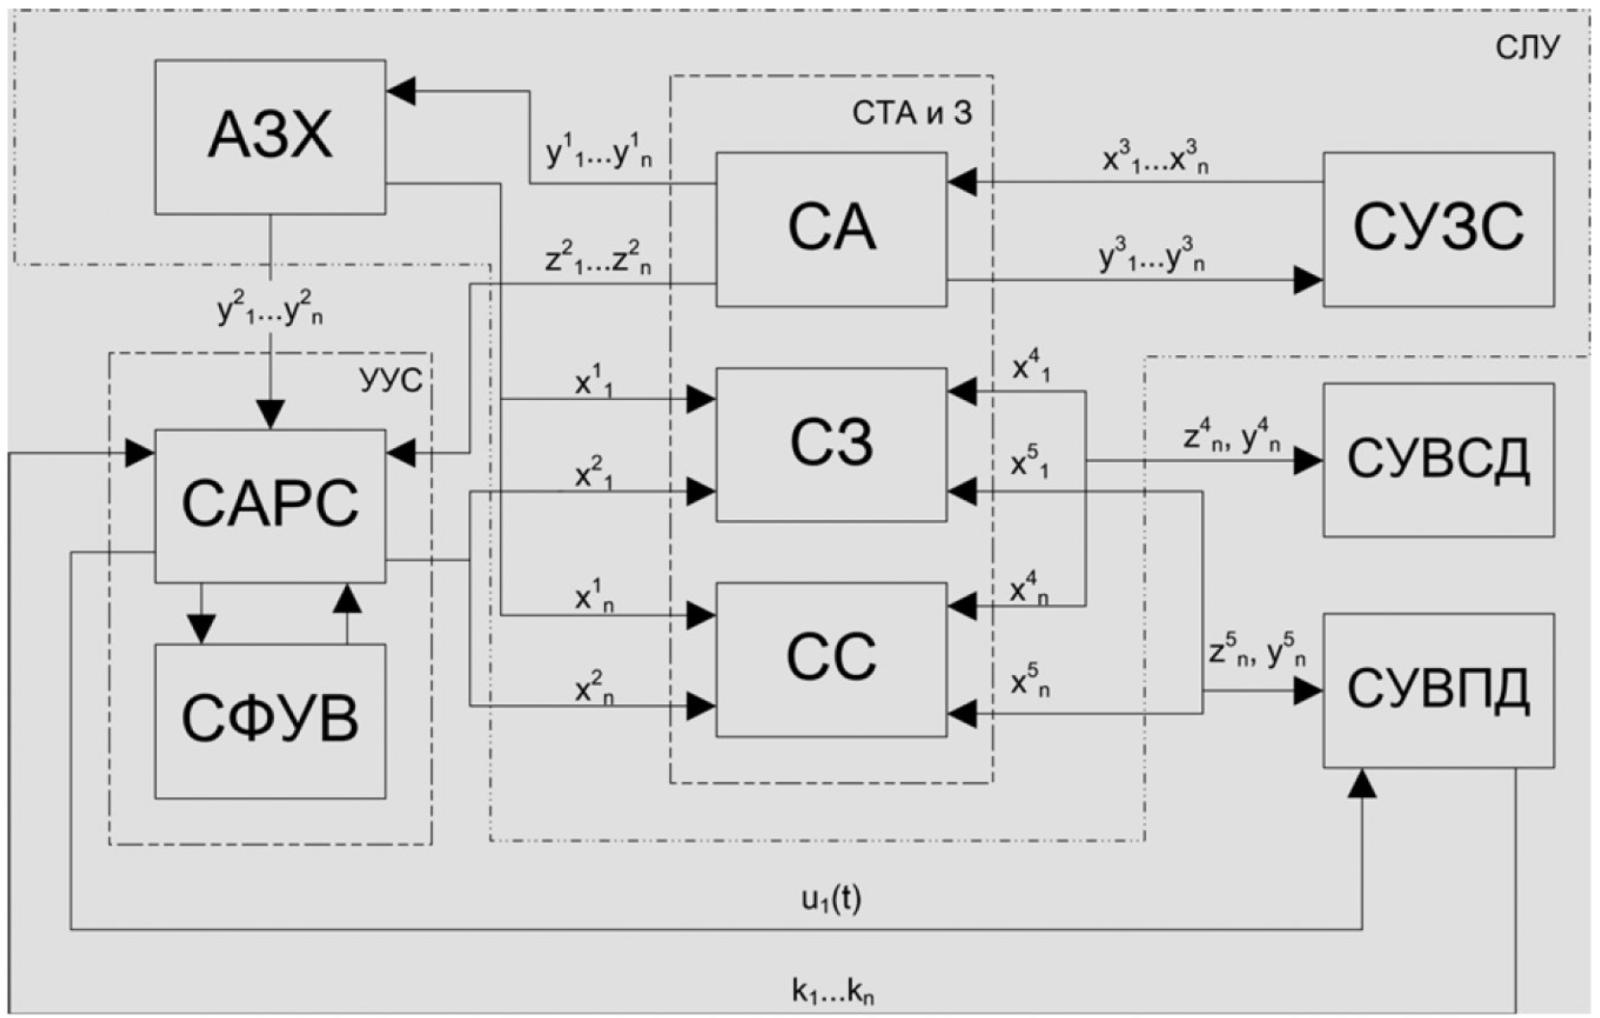 Рисунок 1 – Блок-схема системы управления электроприводом ШПУ